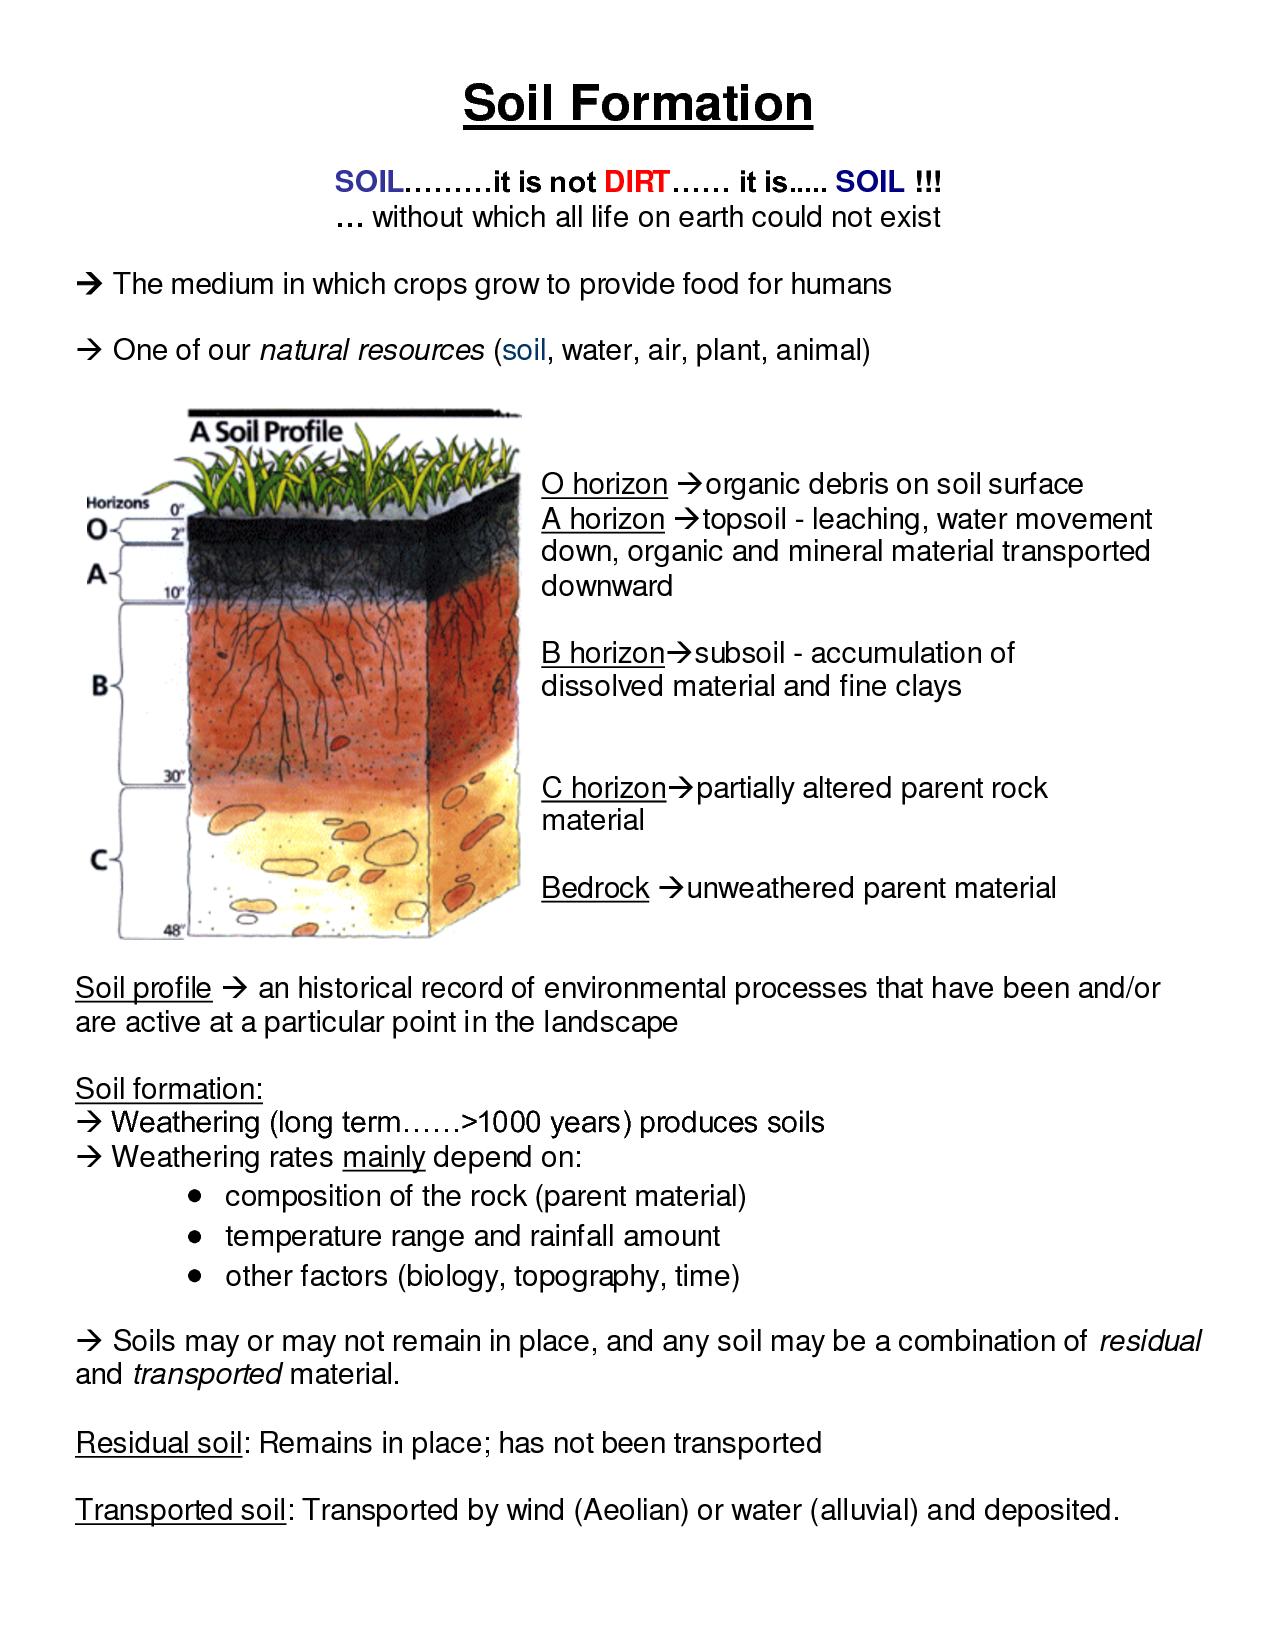 Soil Fertility Exercise Worksheet